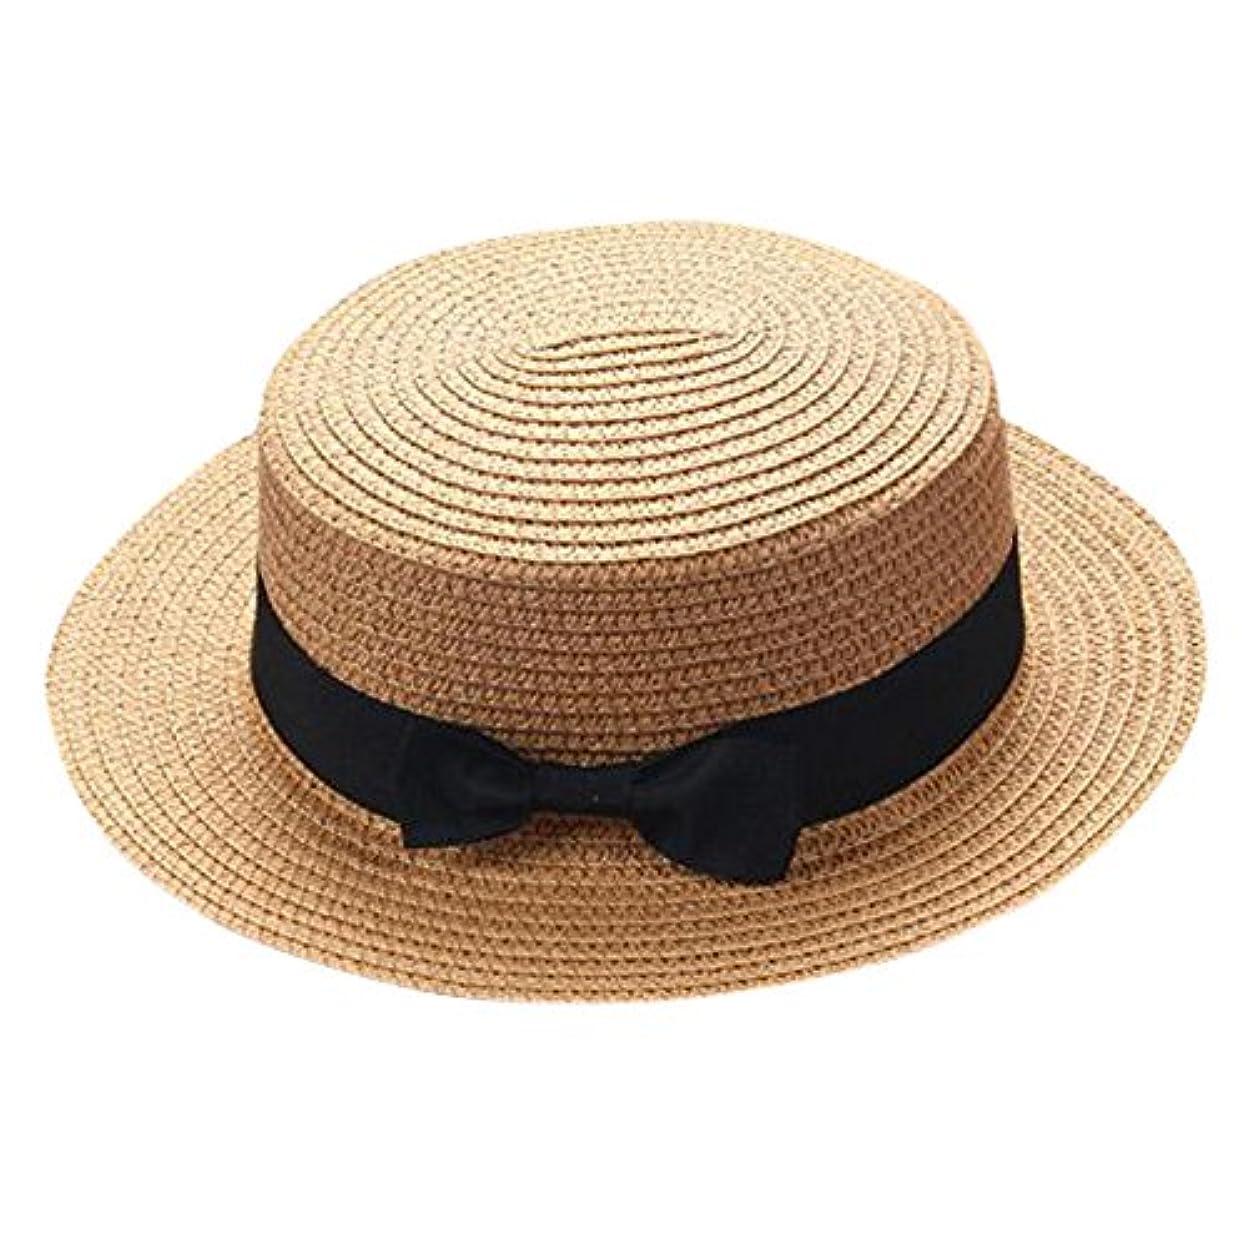 成熟した支店商人キャップ キッズ 日よけ 帽子 小顔効果抜群 旅行用 日よけ 夏 ビーチ 海辺 かわいい リゾート 紫外線対策 男女兼用 日焼け防止 熱中症予防 取り外すあご紐 つば広 おしゃれ 可愛い 夏 ROSE ROMAN